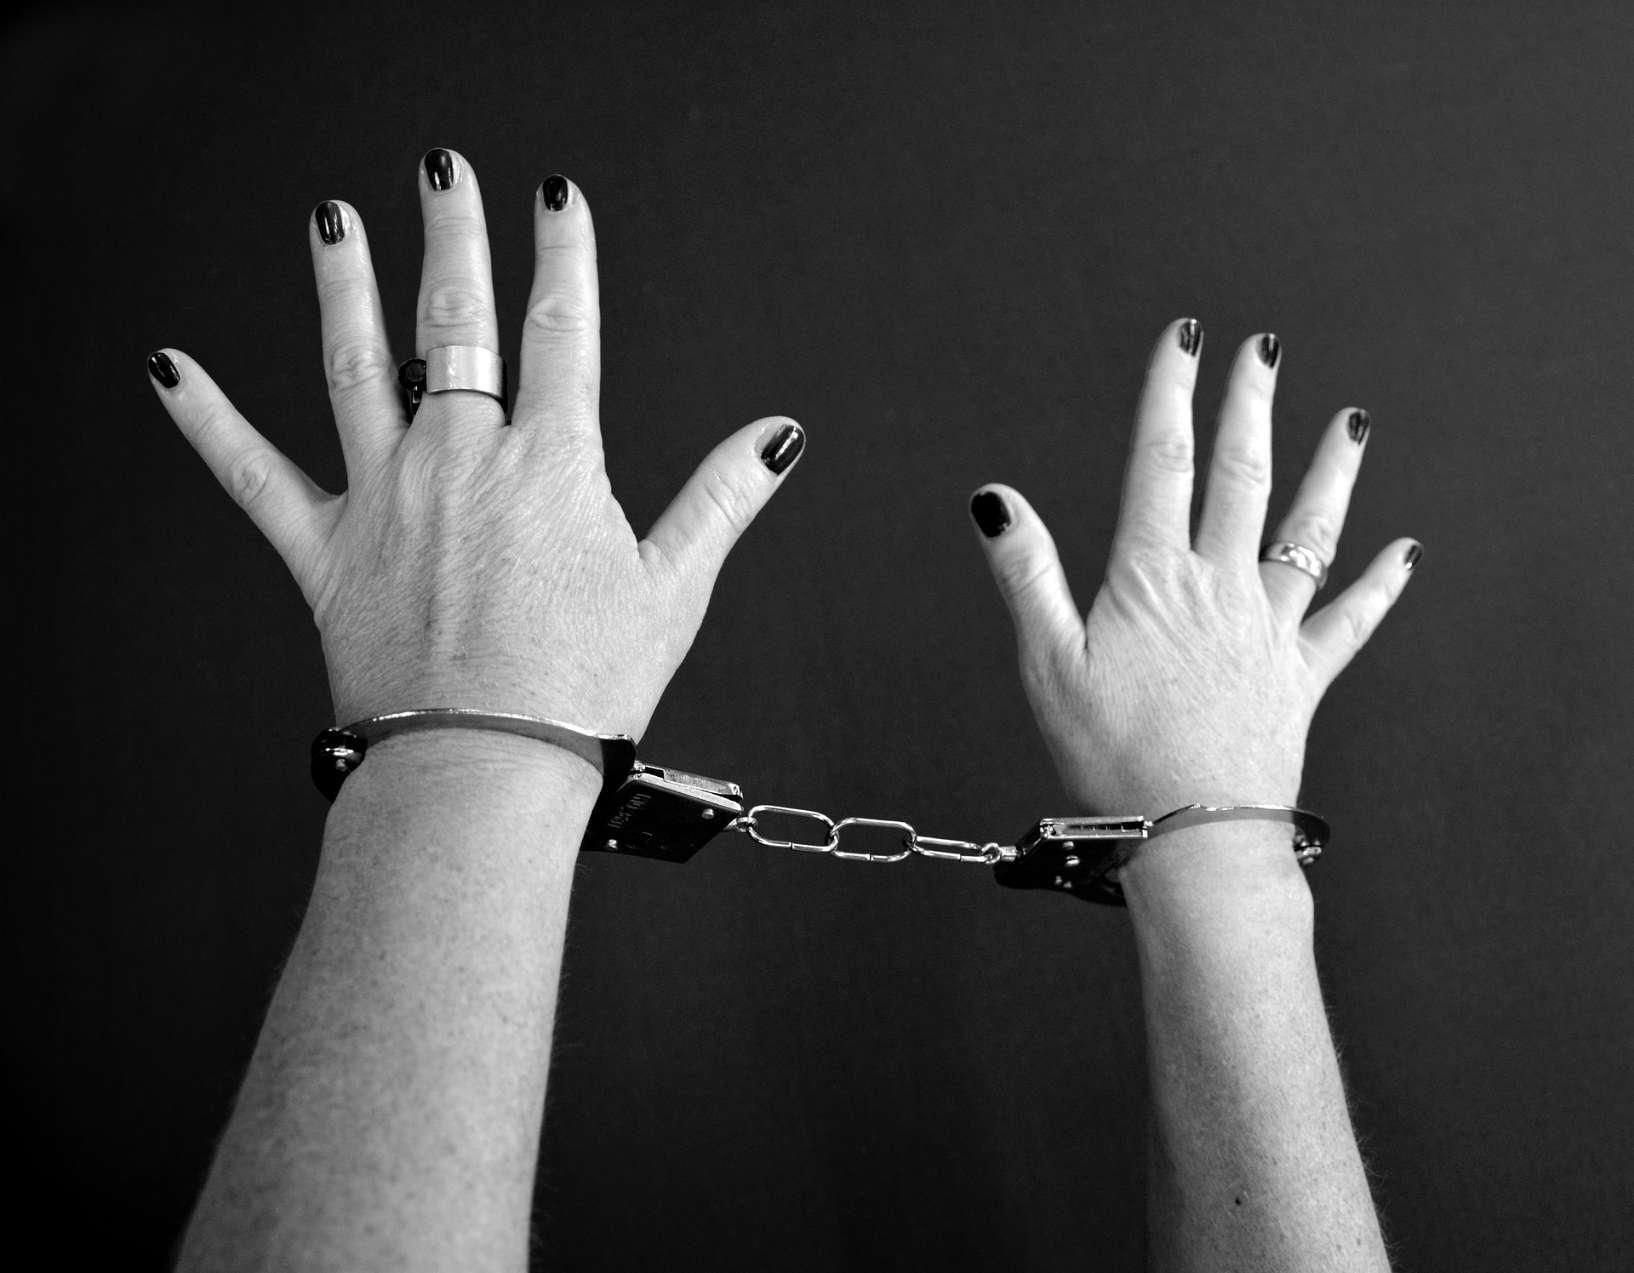 handcuffs-964722_1920